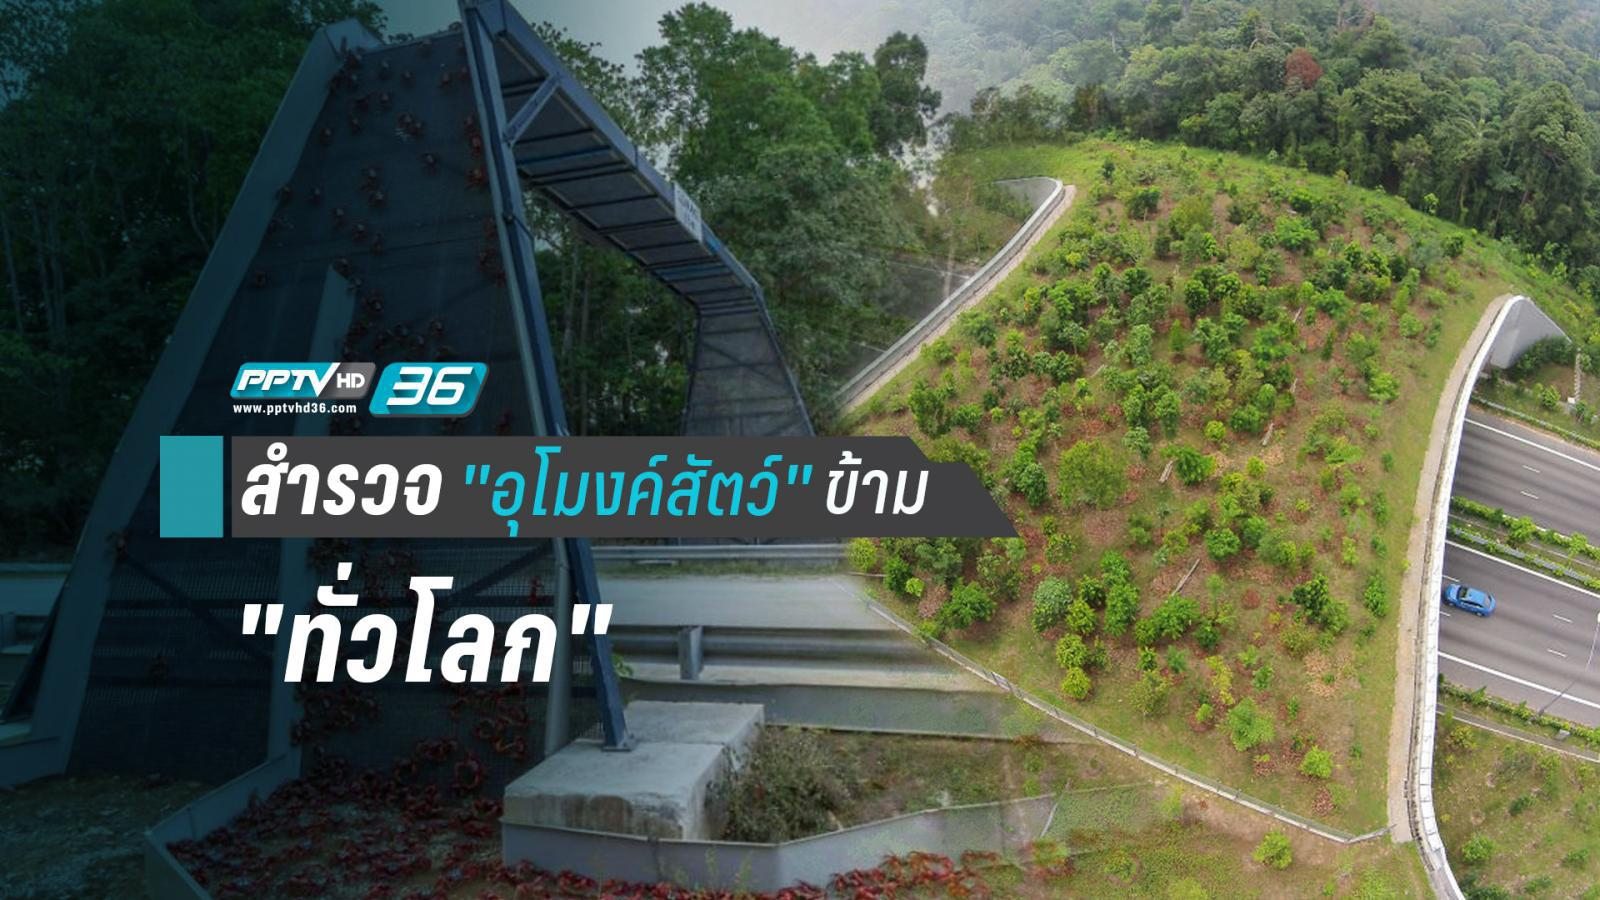 """เปิดใช้งานแล้ว """"อุโมงค์สัตว์ข้าม""""  แห่งแรกของไทย"""